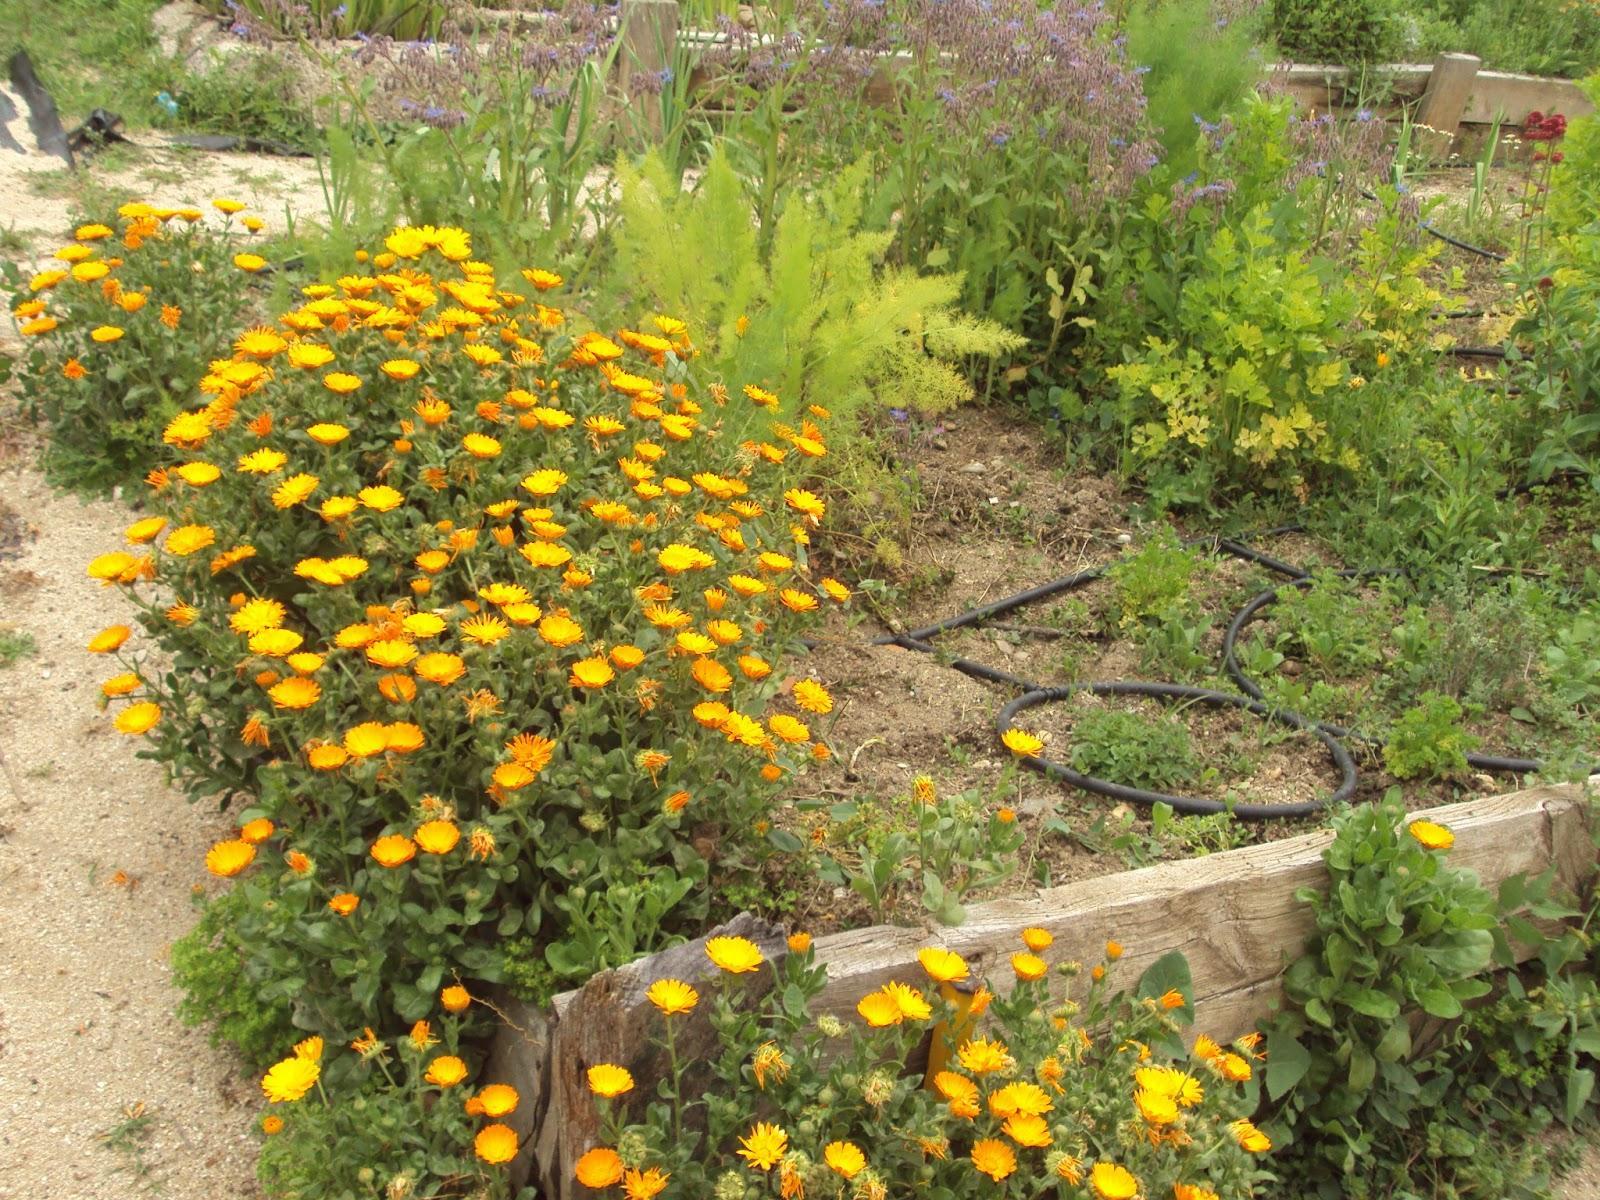 Gu a de plantas arom ticas culinarias y medicinales en el - Huerto de plantas aromaticas ...